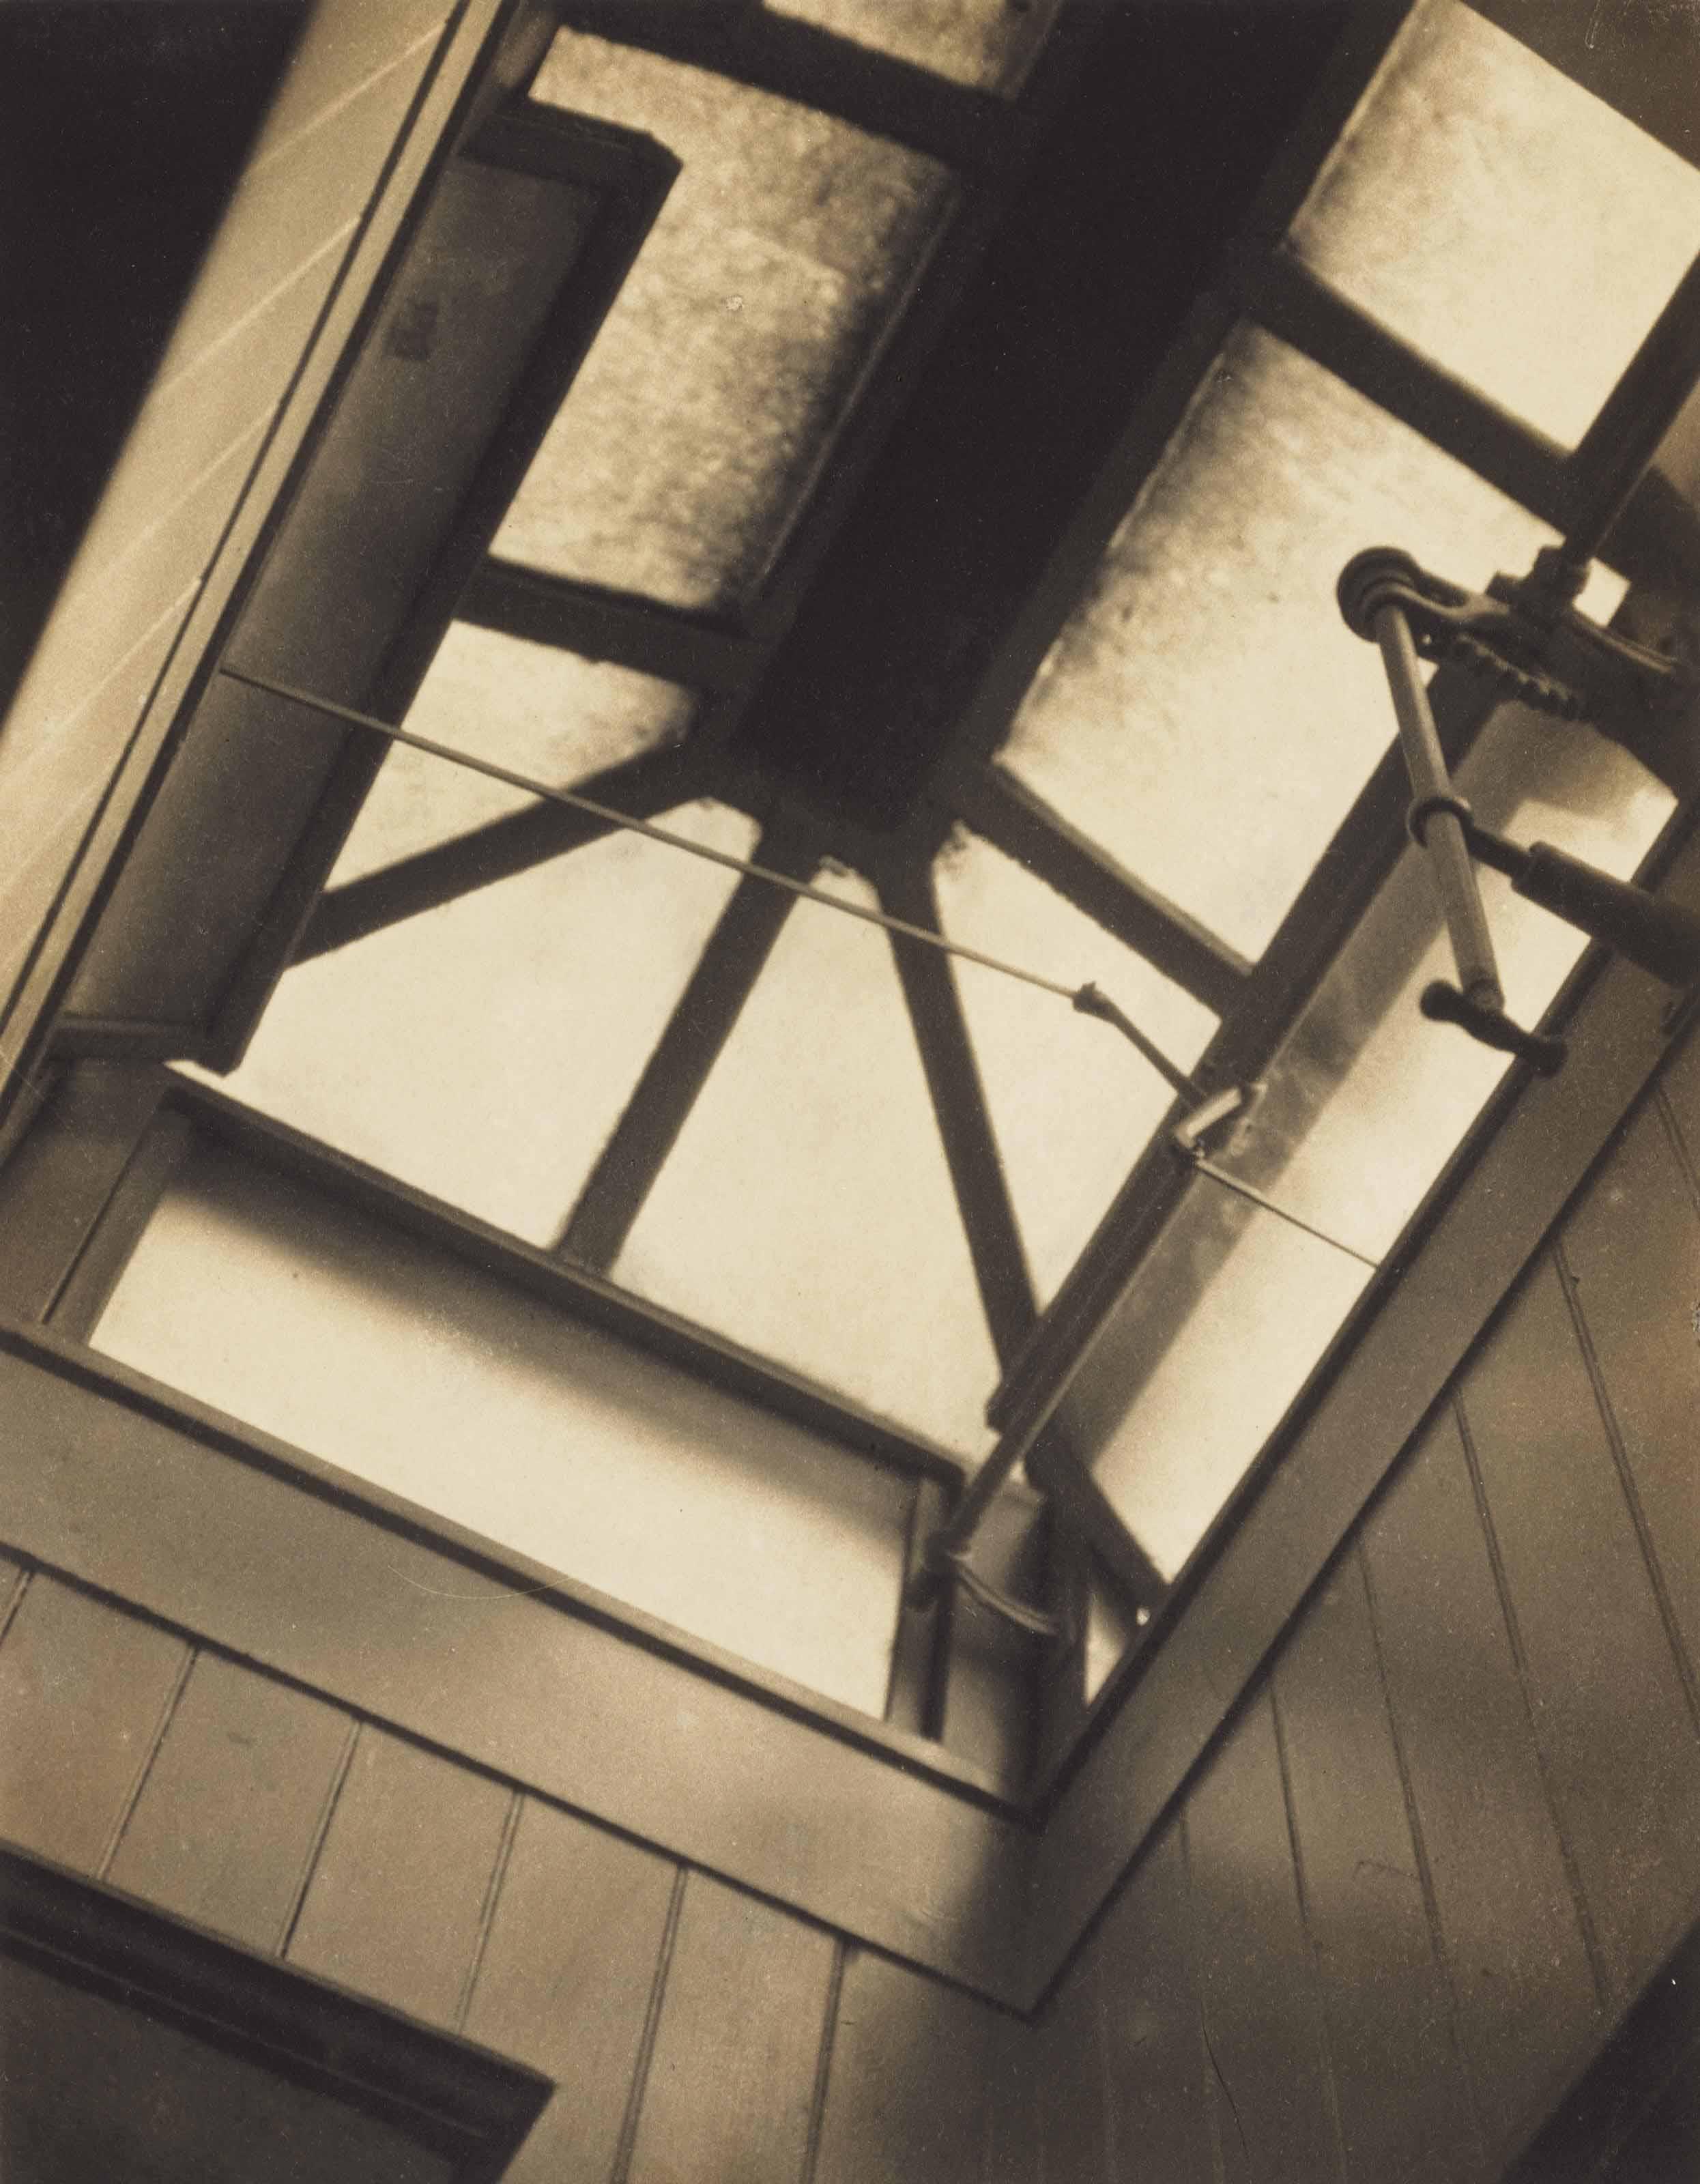 Skylight, 1925